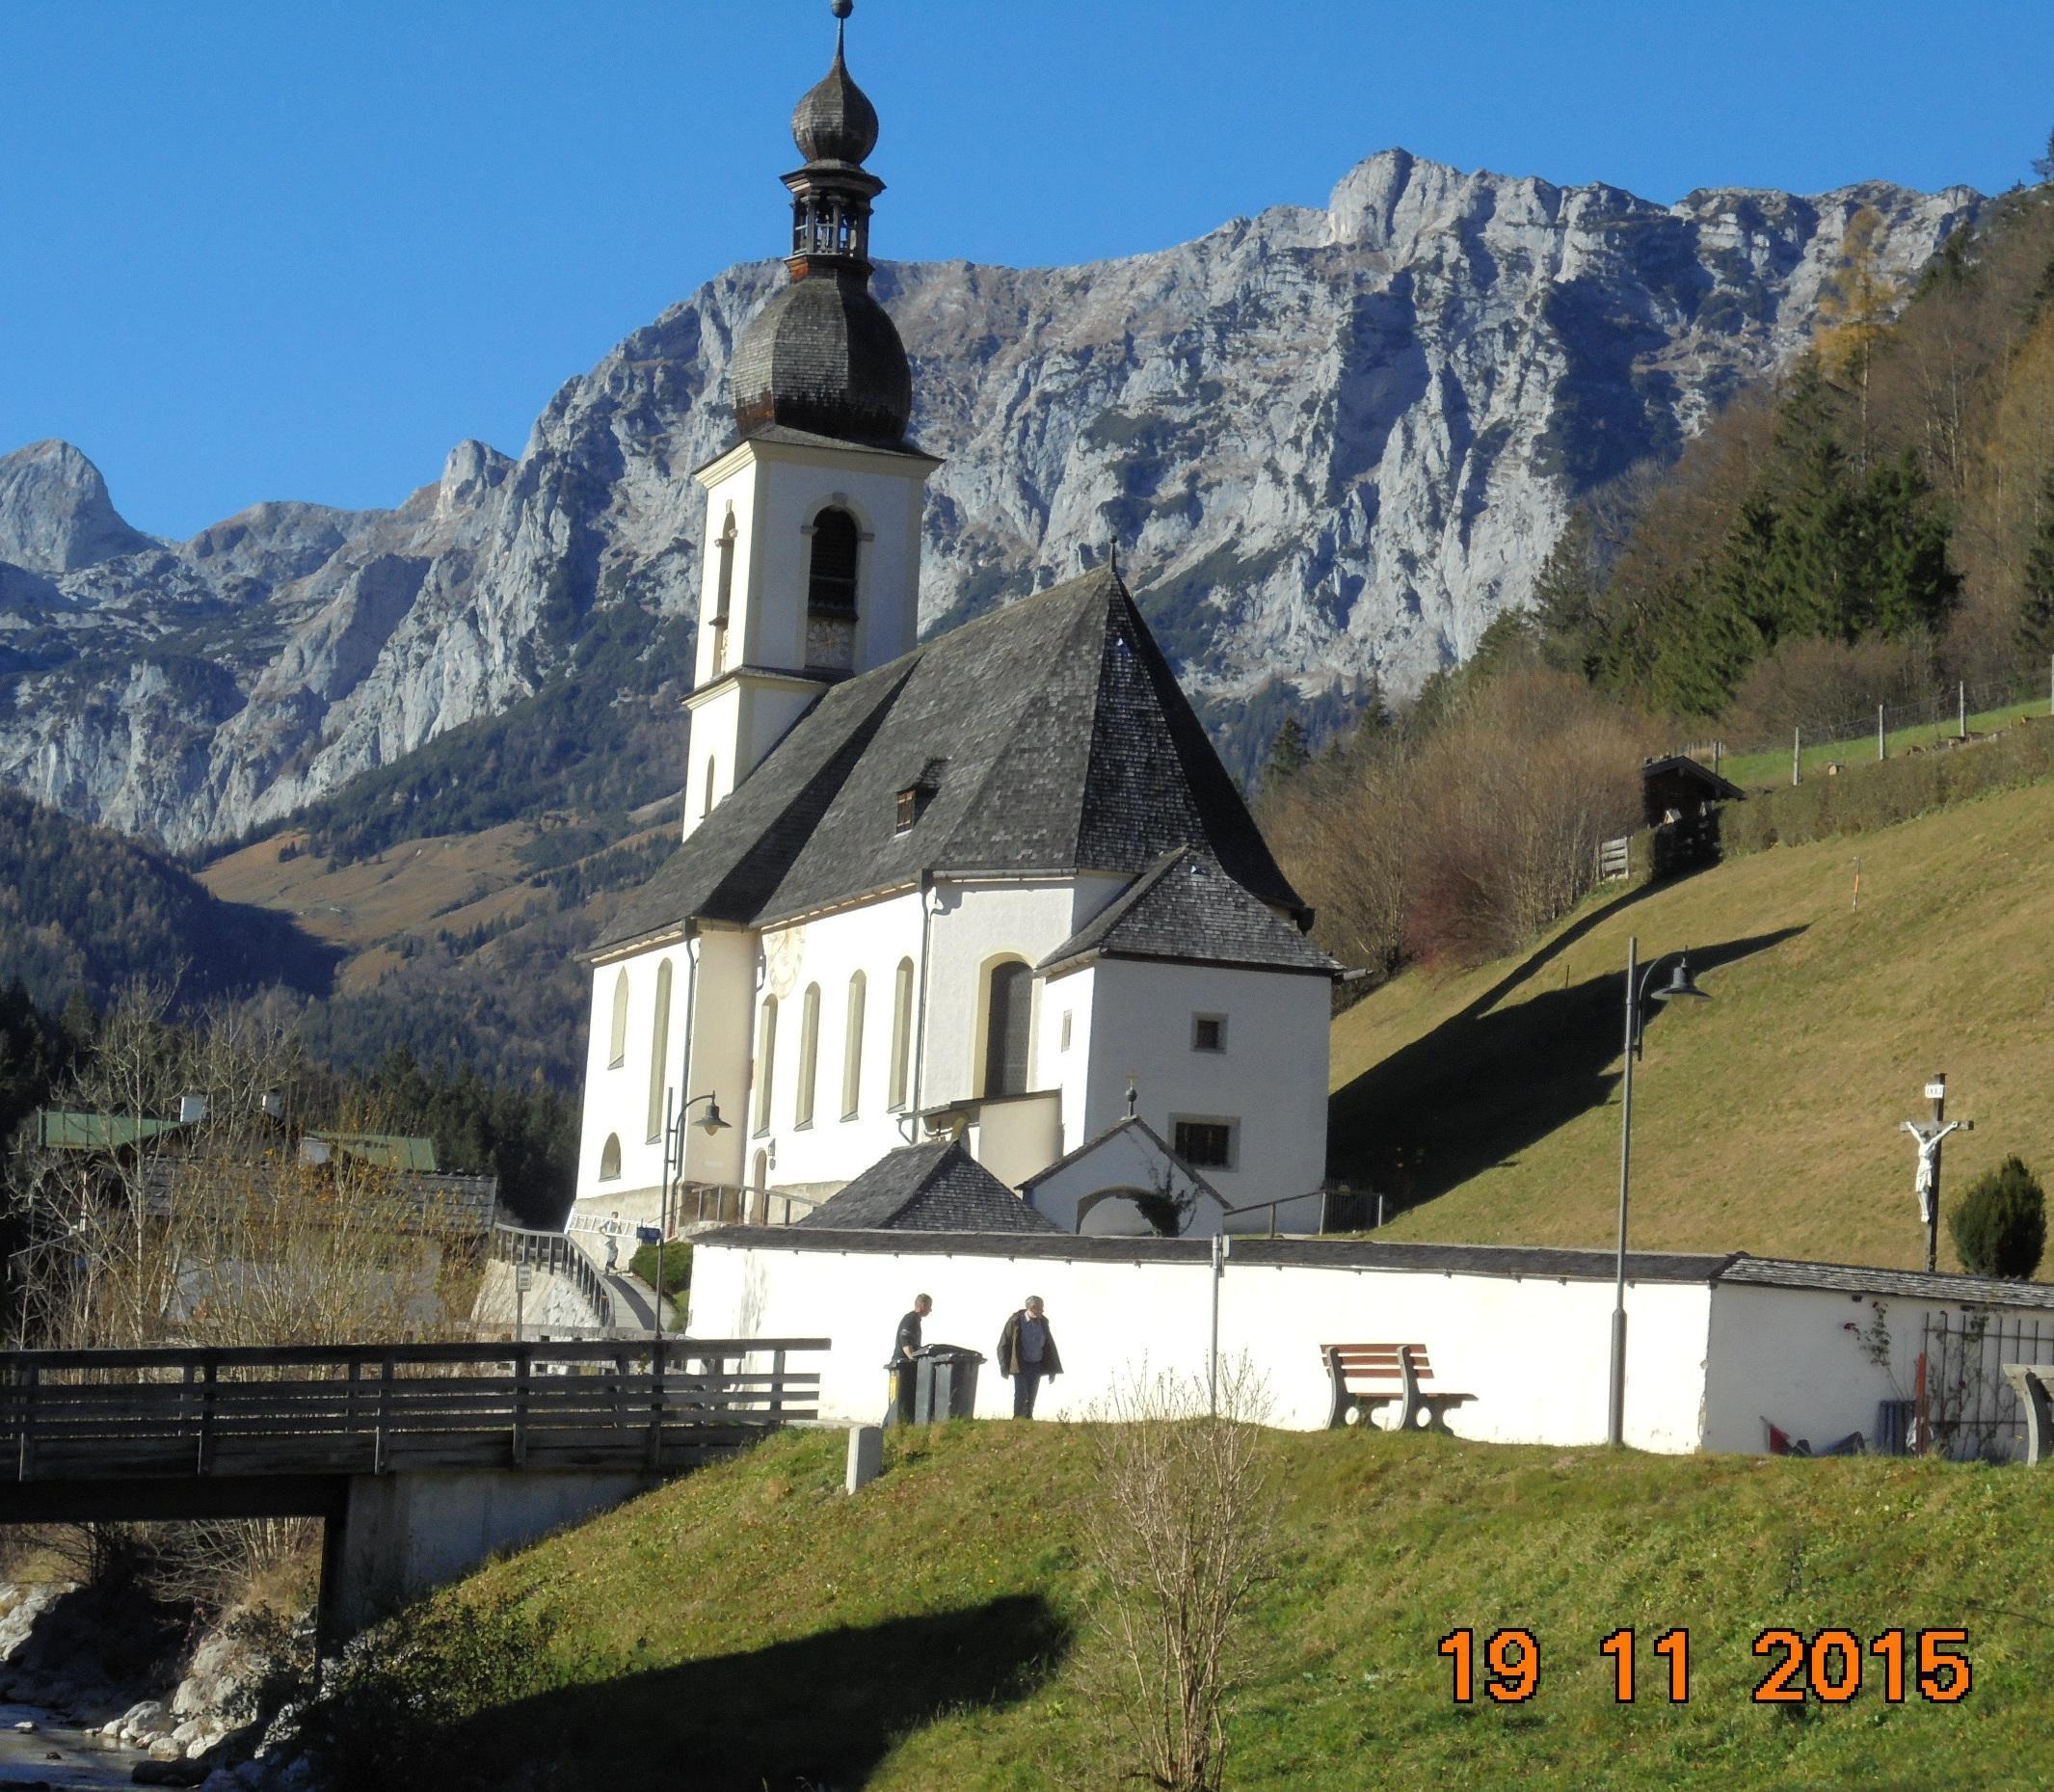 Ferienwohnung Chiemgau-Chiemsee Bayrische Alpen (469319), Siegsdorf, Chiemgau, Bayern, Deutschland, Bild 30